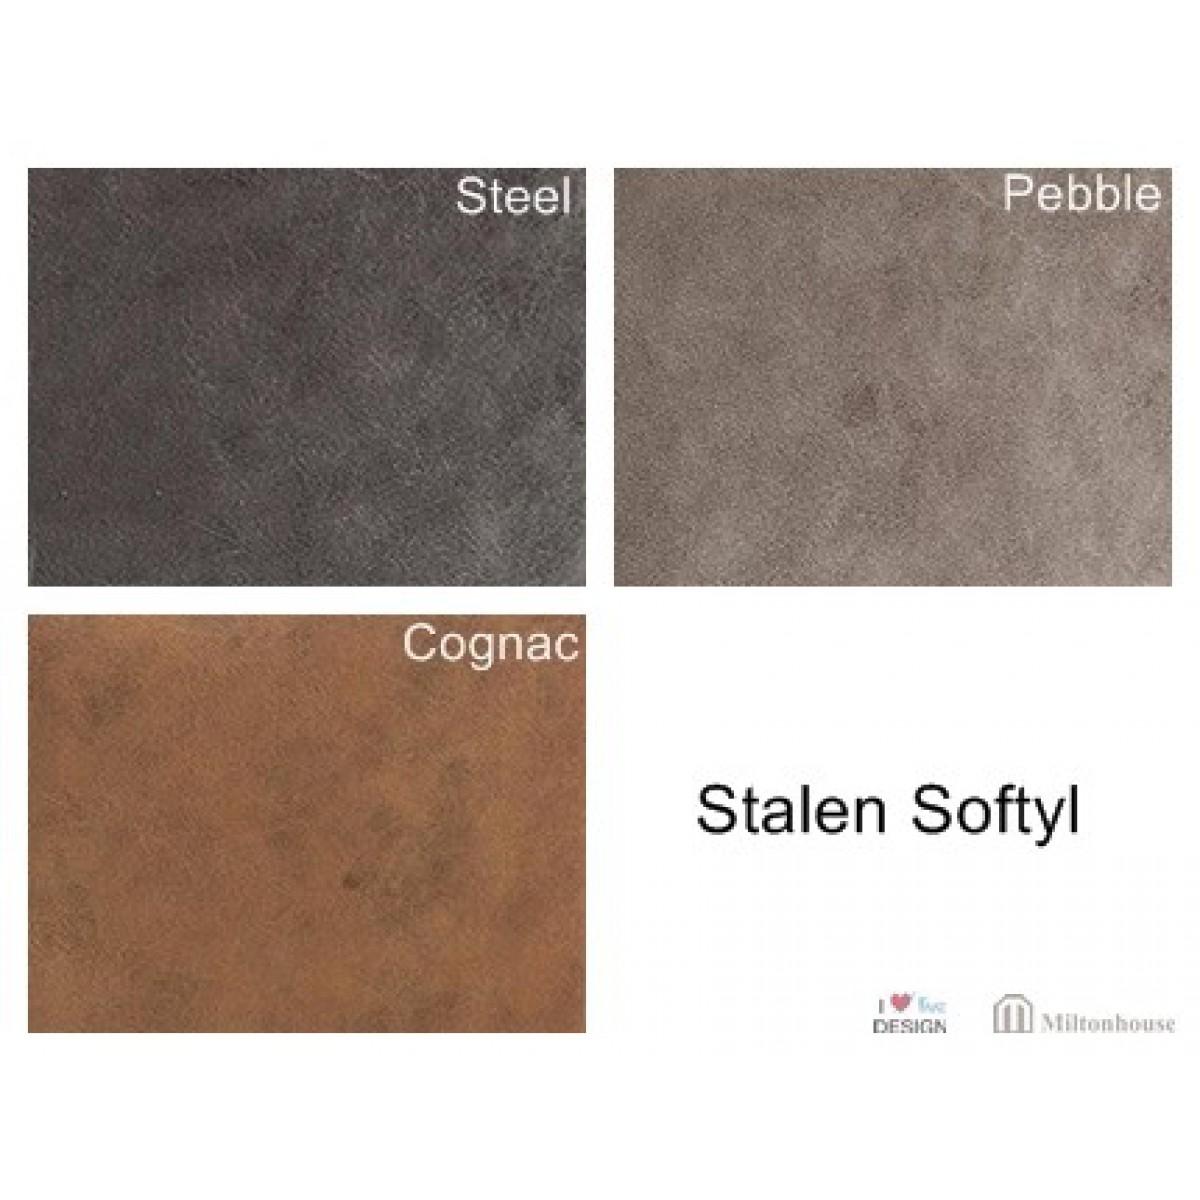 stalen_stof_softyl_cognac_steel_pebble